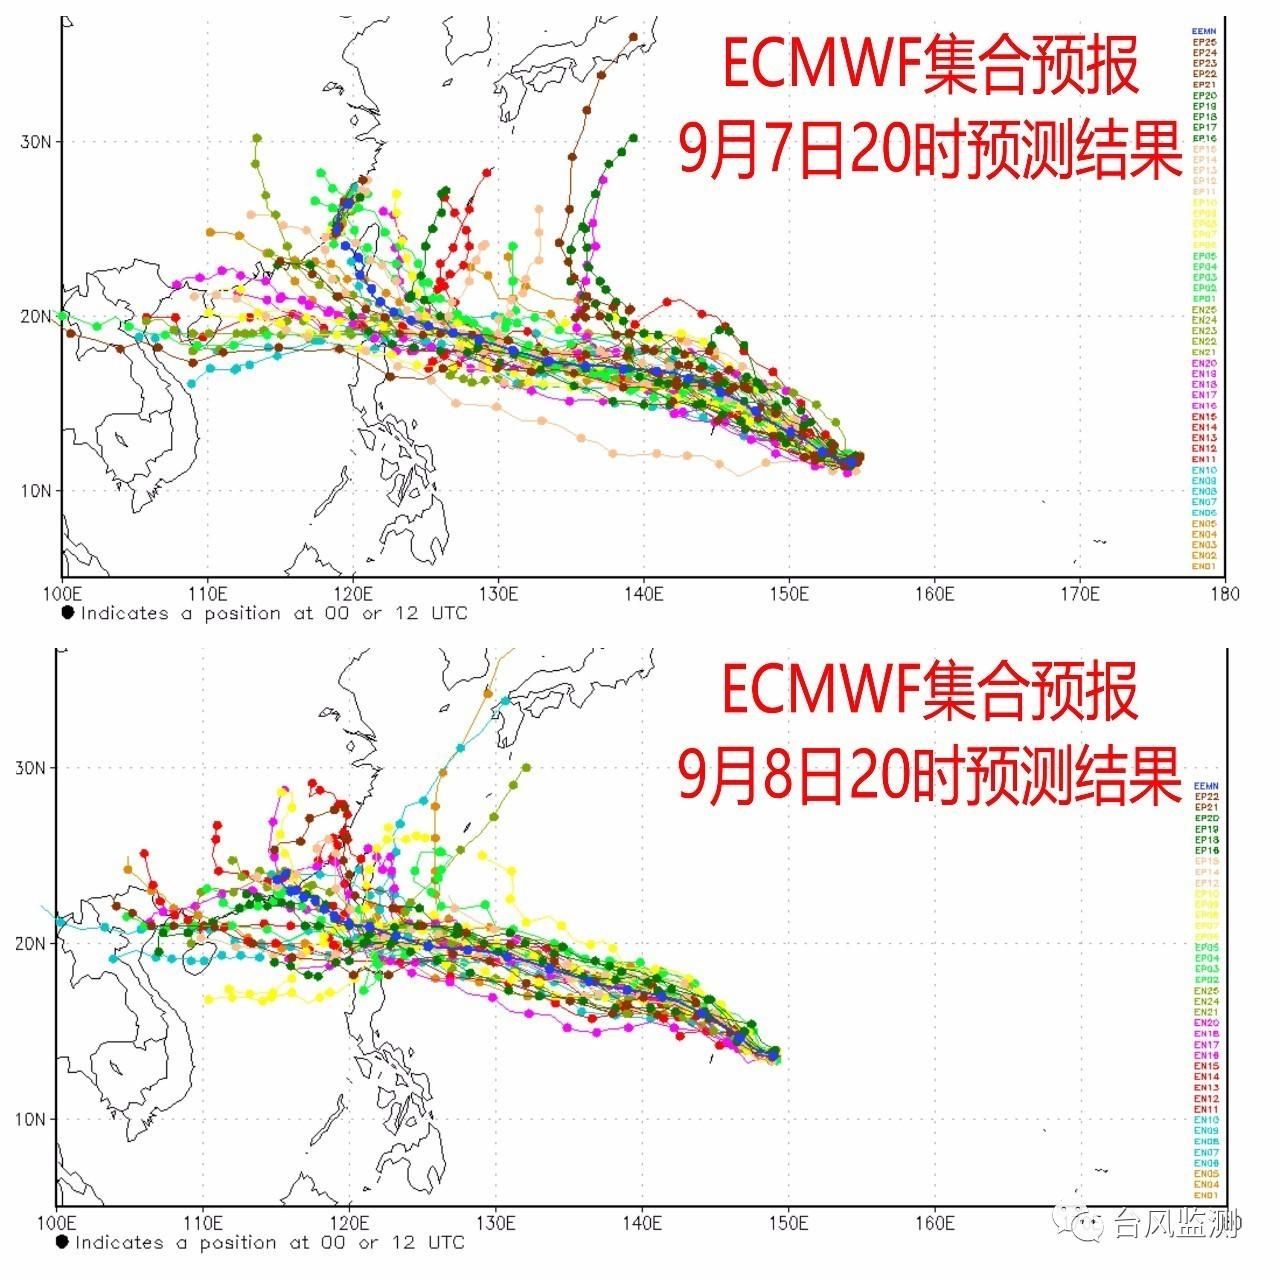 秋台风来袭 94W已加强为热带低压,第18号台风呼之欲出